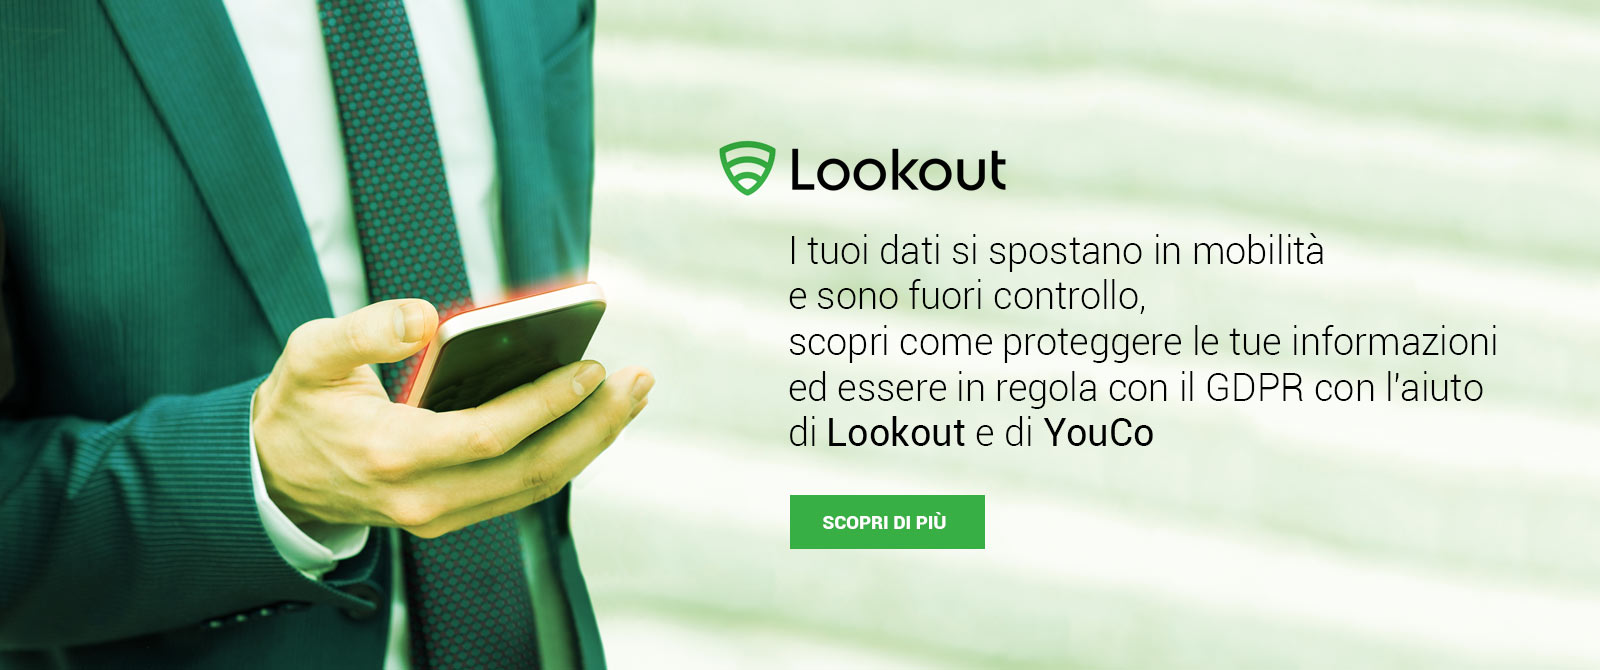 I tuoi dati si spostano in mobilità e sono fuori controllo, scopri come proteggere le tue informazioni ed essere in regola con il GDPR con l'aiuto di Lookout e di YouCo